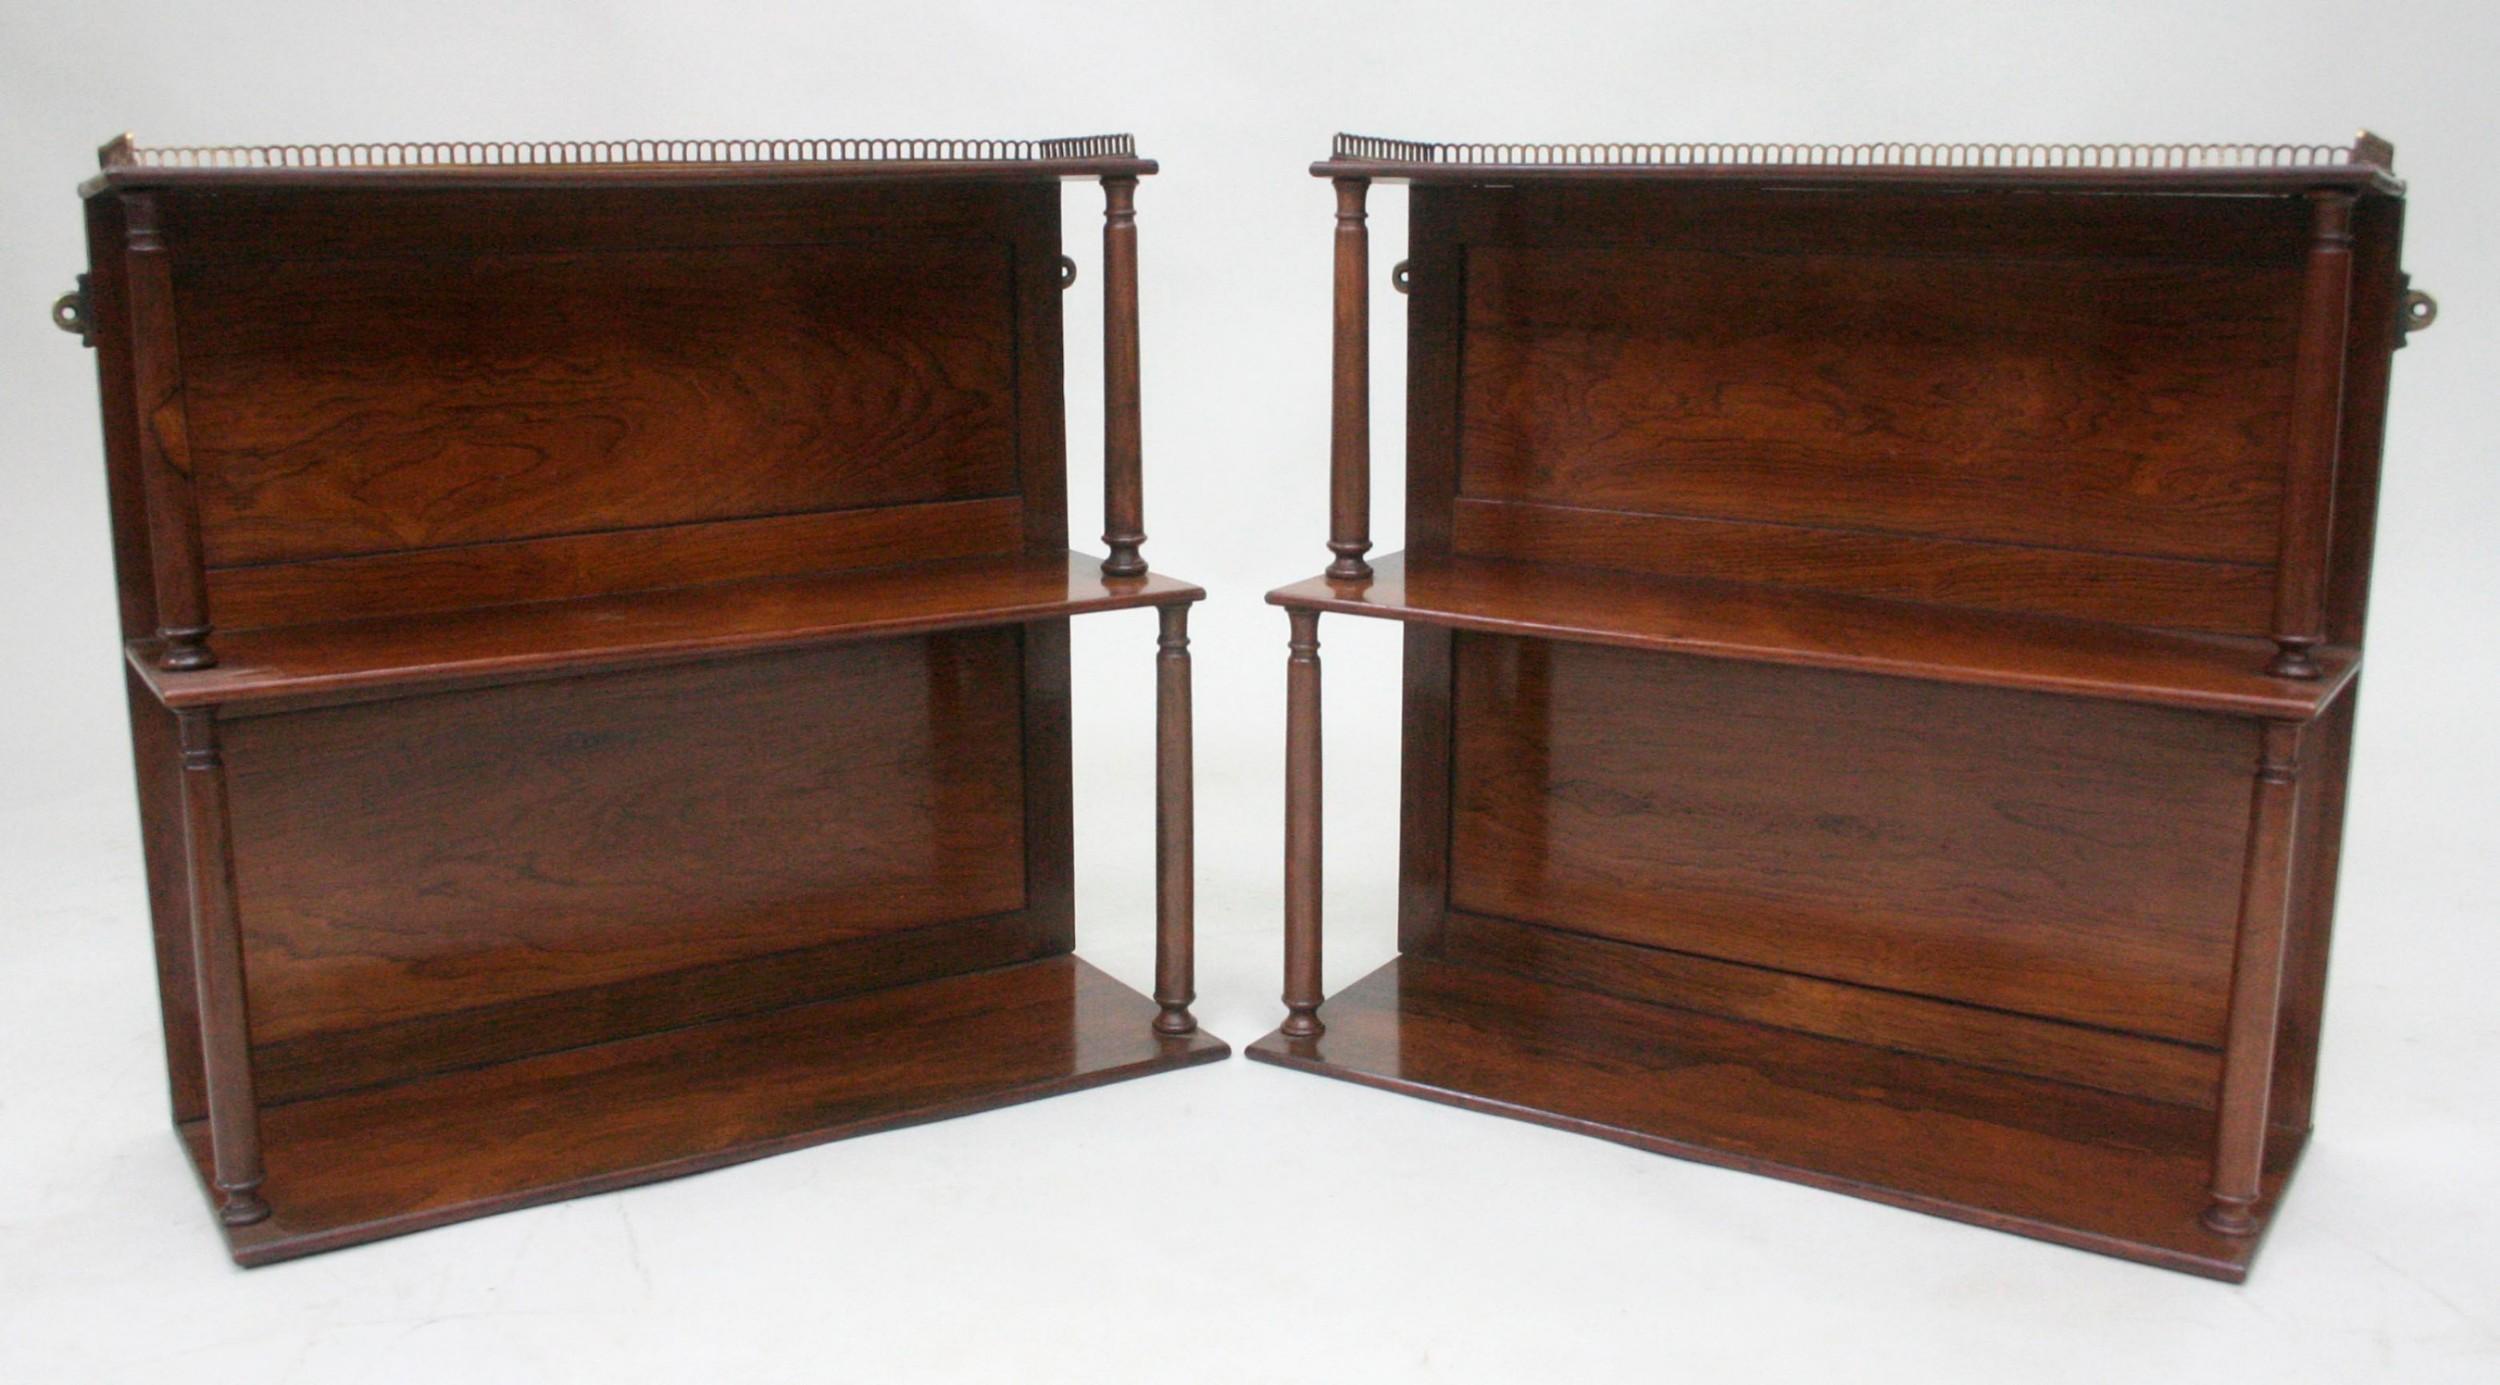 pair of regency rosewood hanging shelves